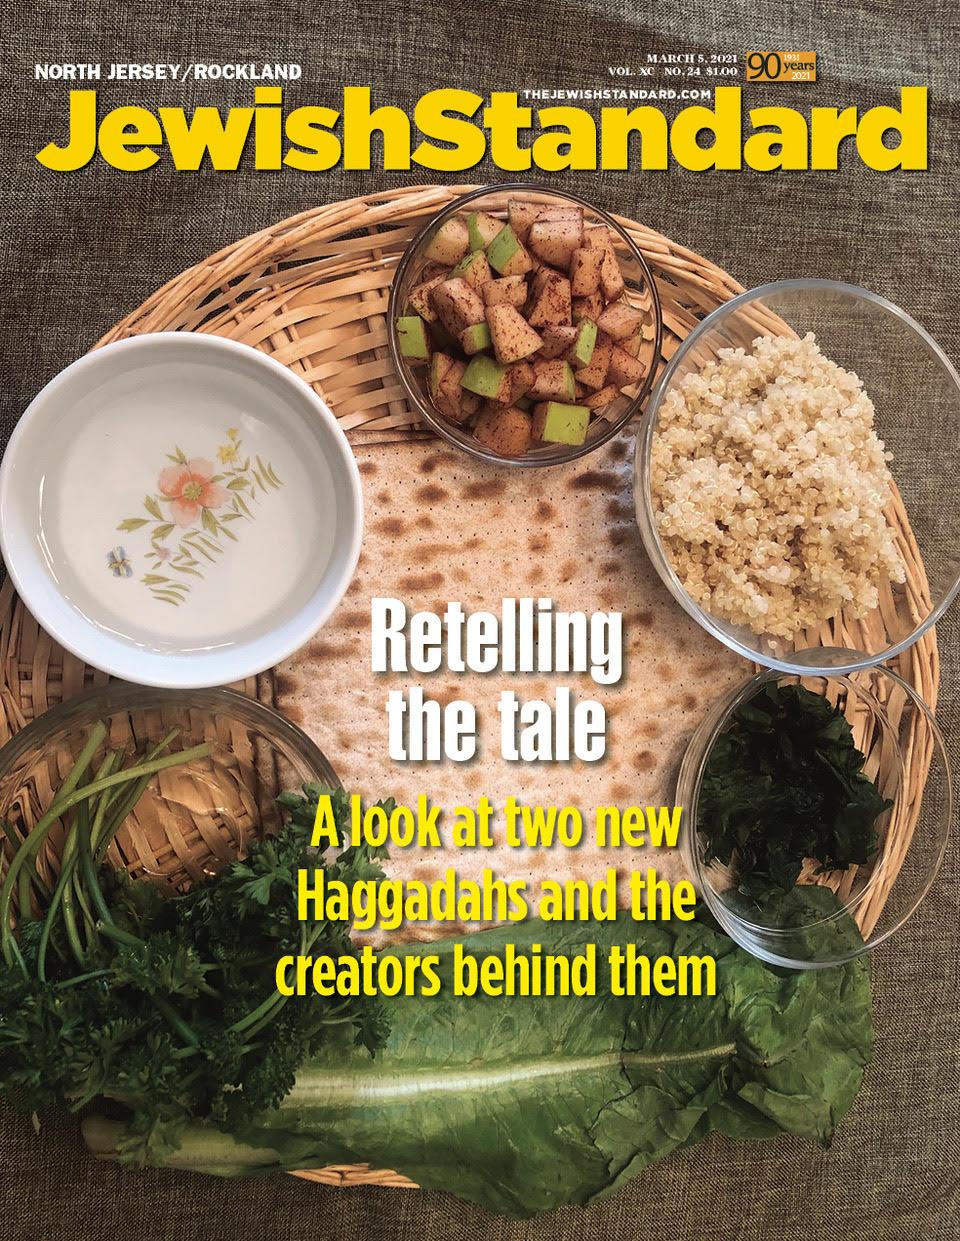 Jewish Standard, March 5, 2021